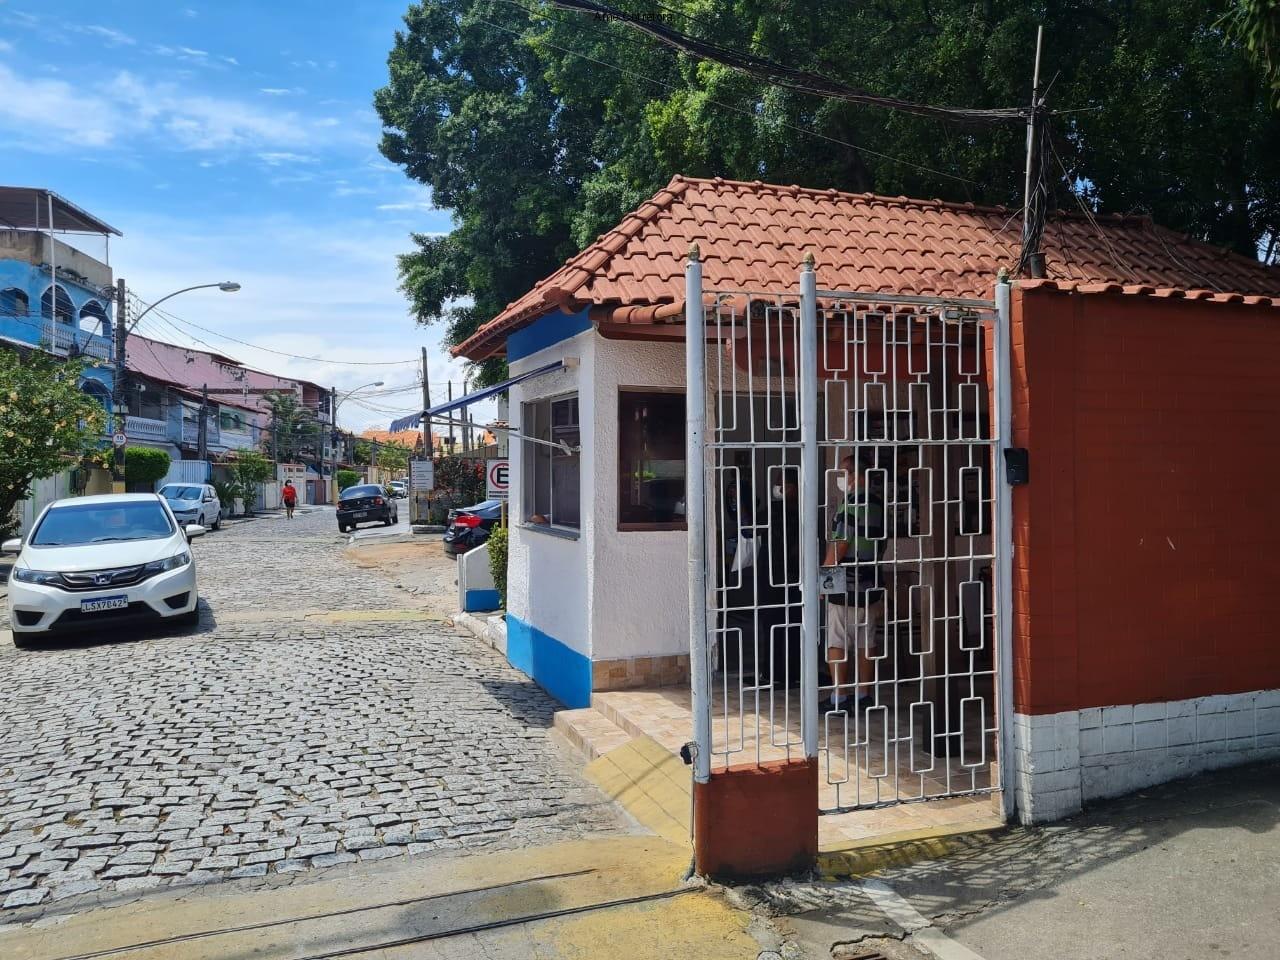 FOTO 01 - Casa 3 quartos à venda Bangu, Rio de Janeiro - R$ 480.000 - CA00872 - 1